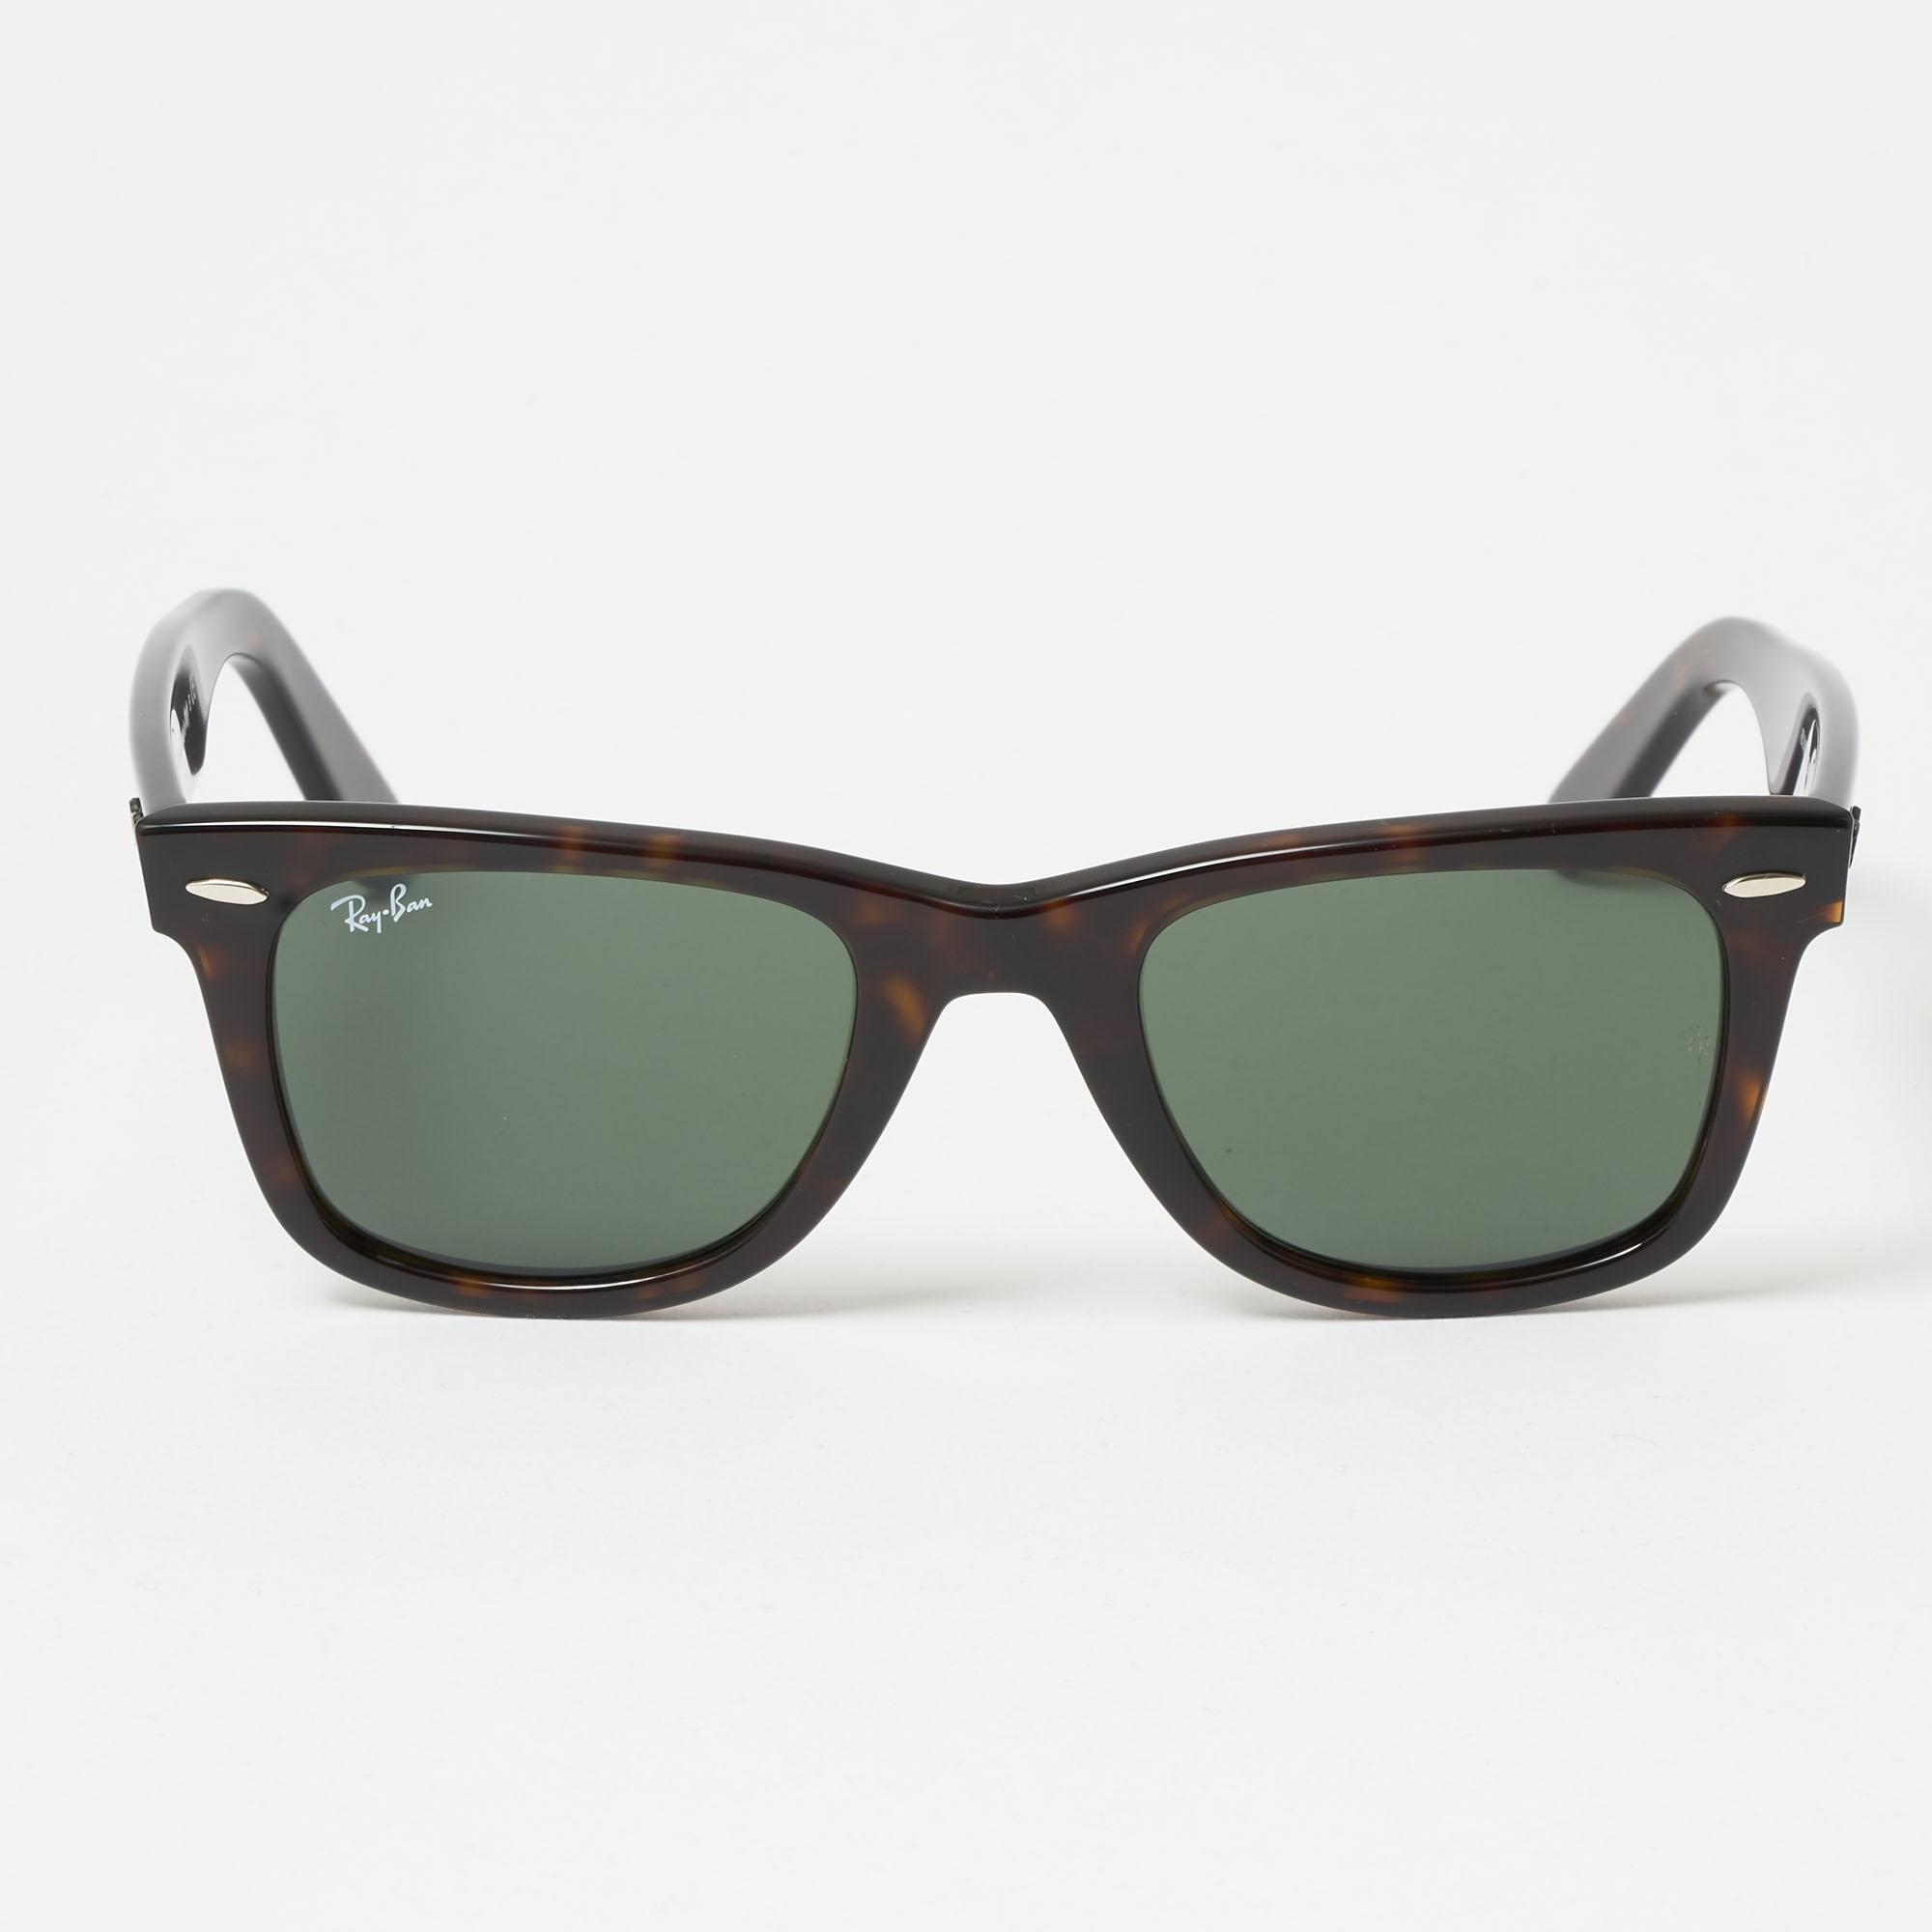 e43271679de08 Tortoise Original Wayfarer Classic Sunglasses - Green Classic G-15 Lenses